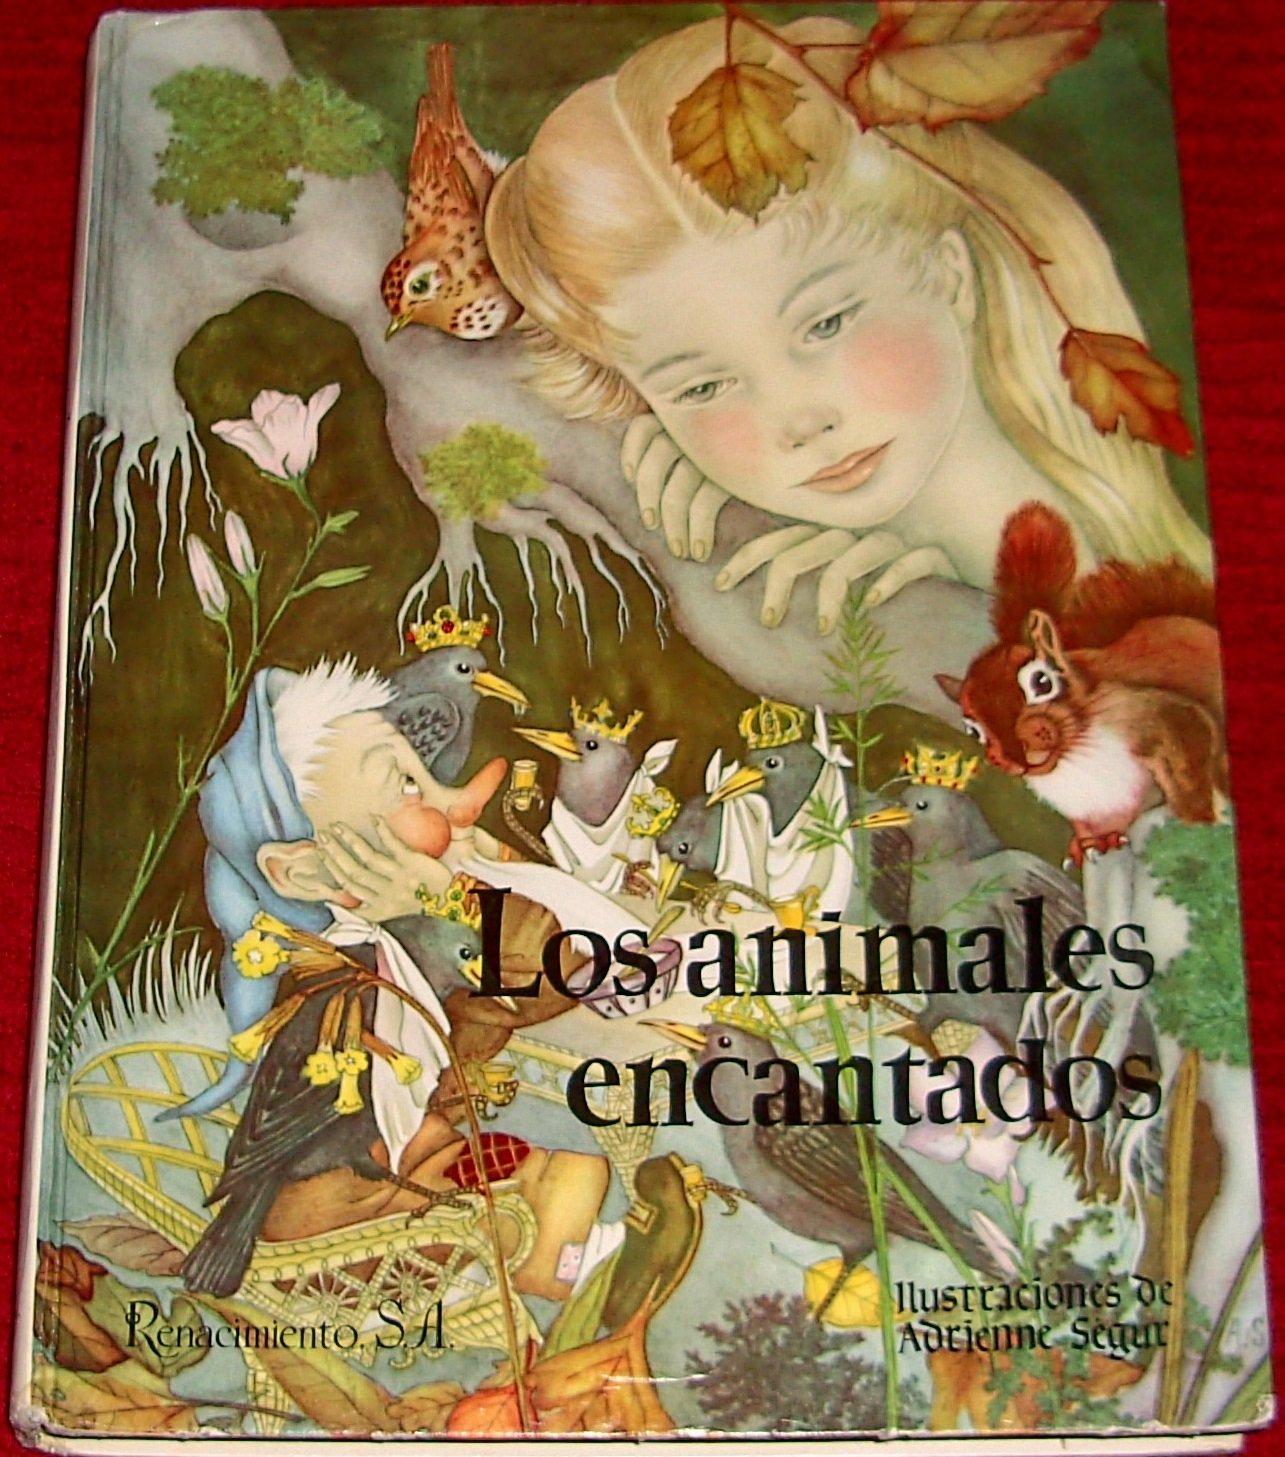 El Libro De Los Animales Encantados: Jose Virgili, Adrienne Segur: Amazon.com: Books